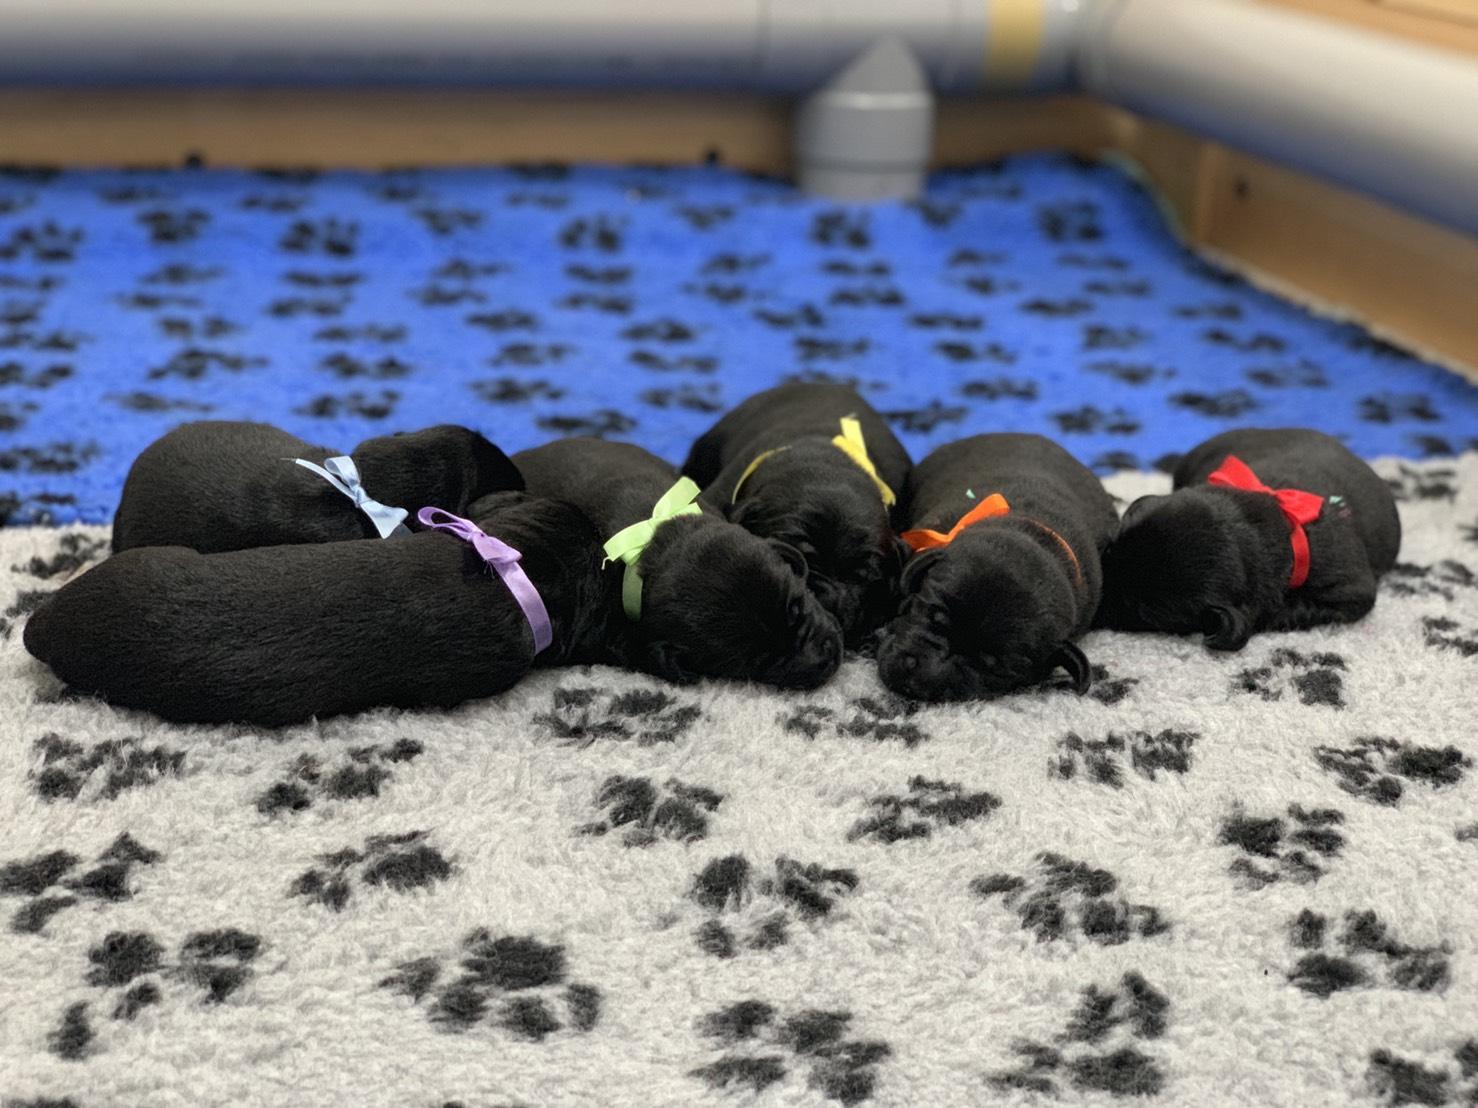 六隻黑色幼犬分別綁上紅色、橙色、黃色、綠色、藍色與紫色緞帶,窩再一起睡覺。